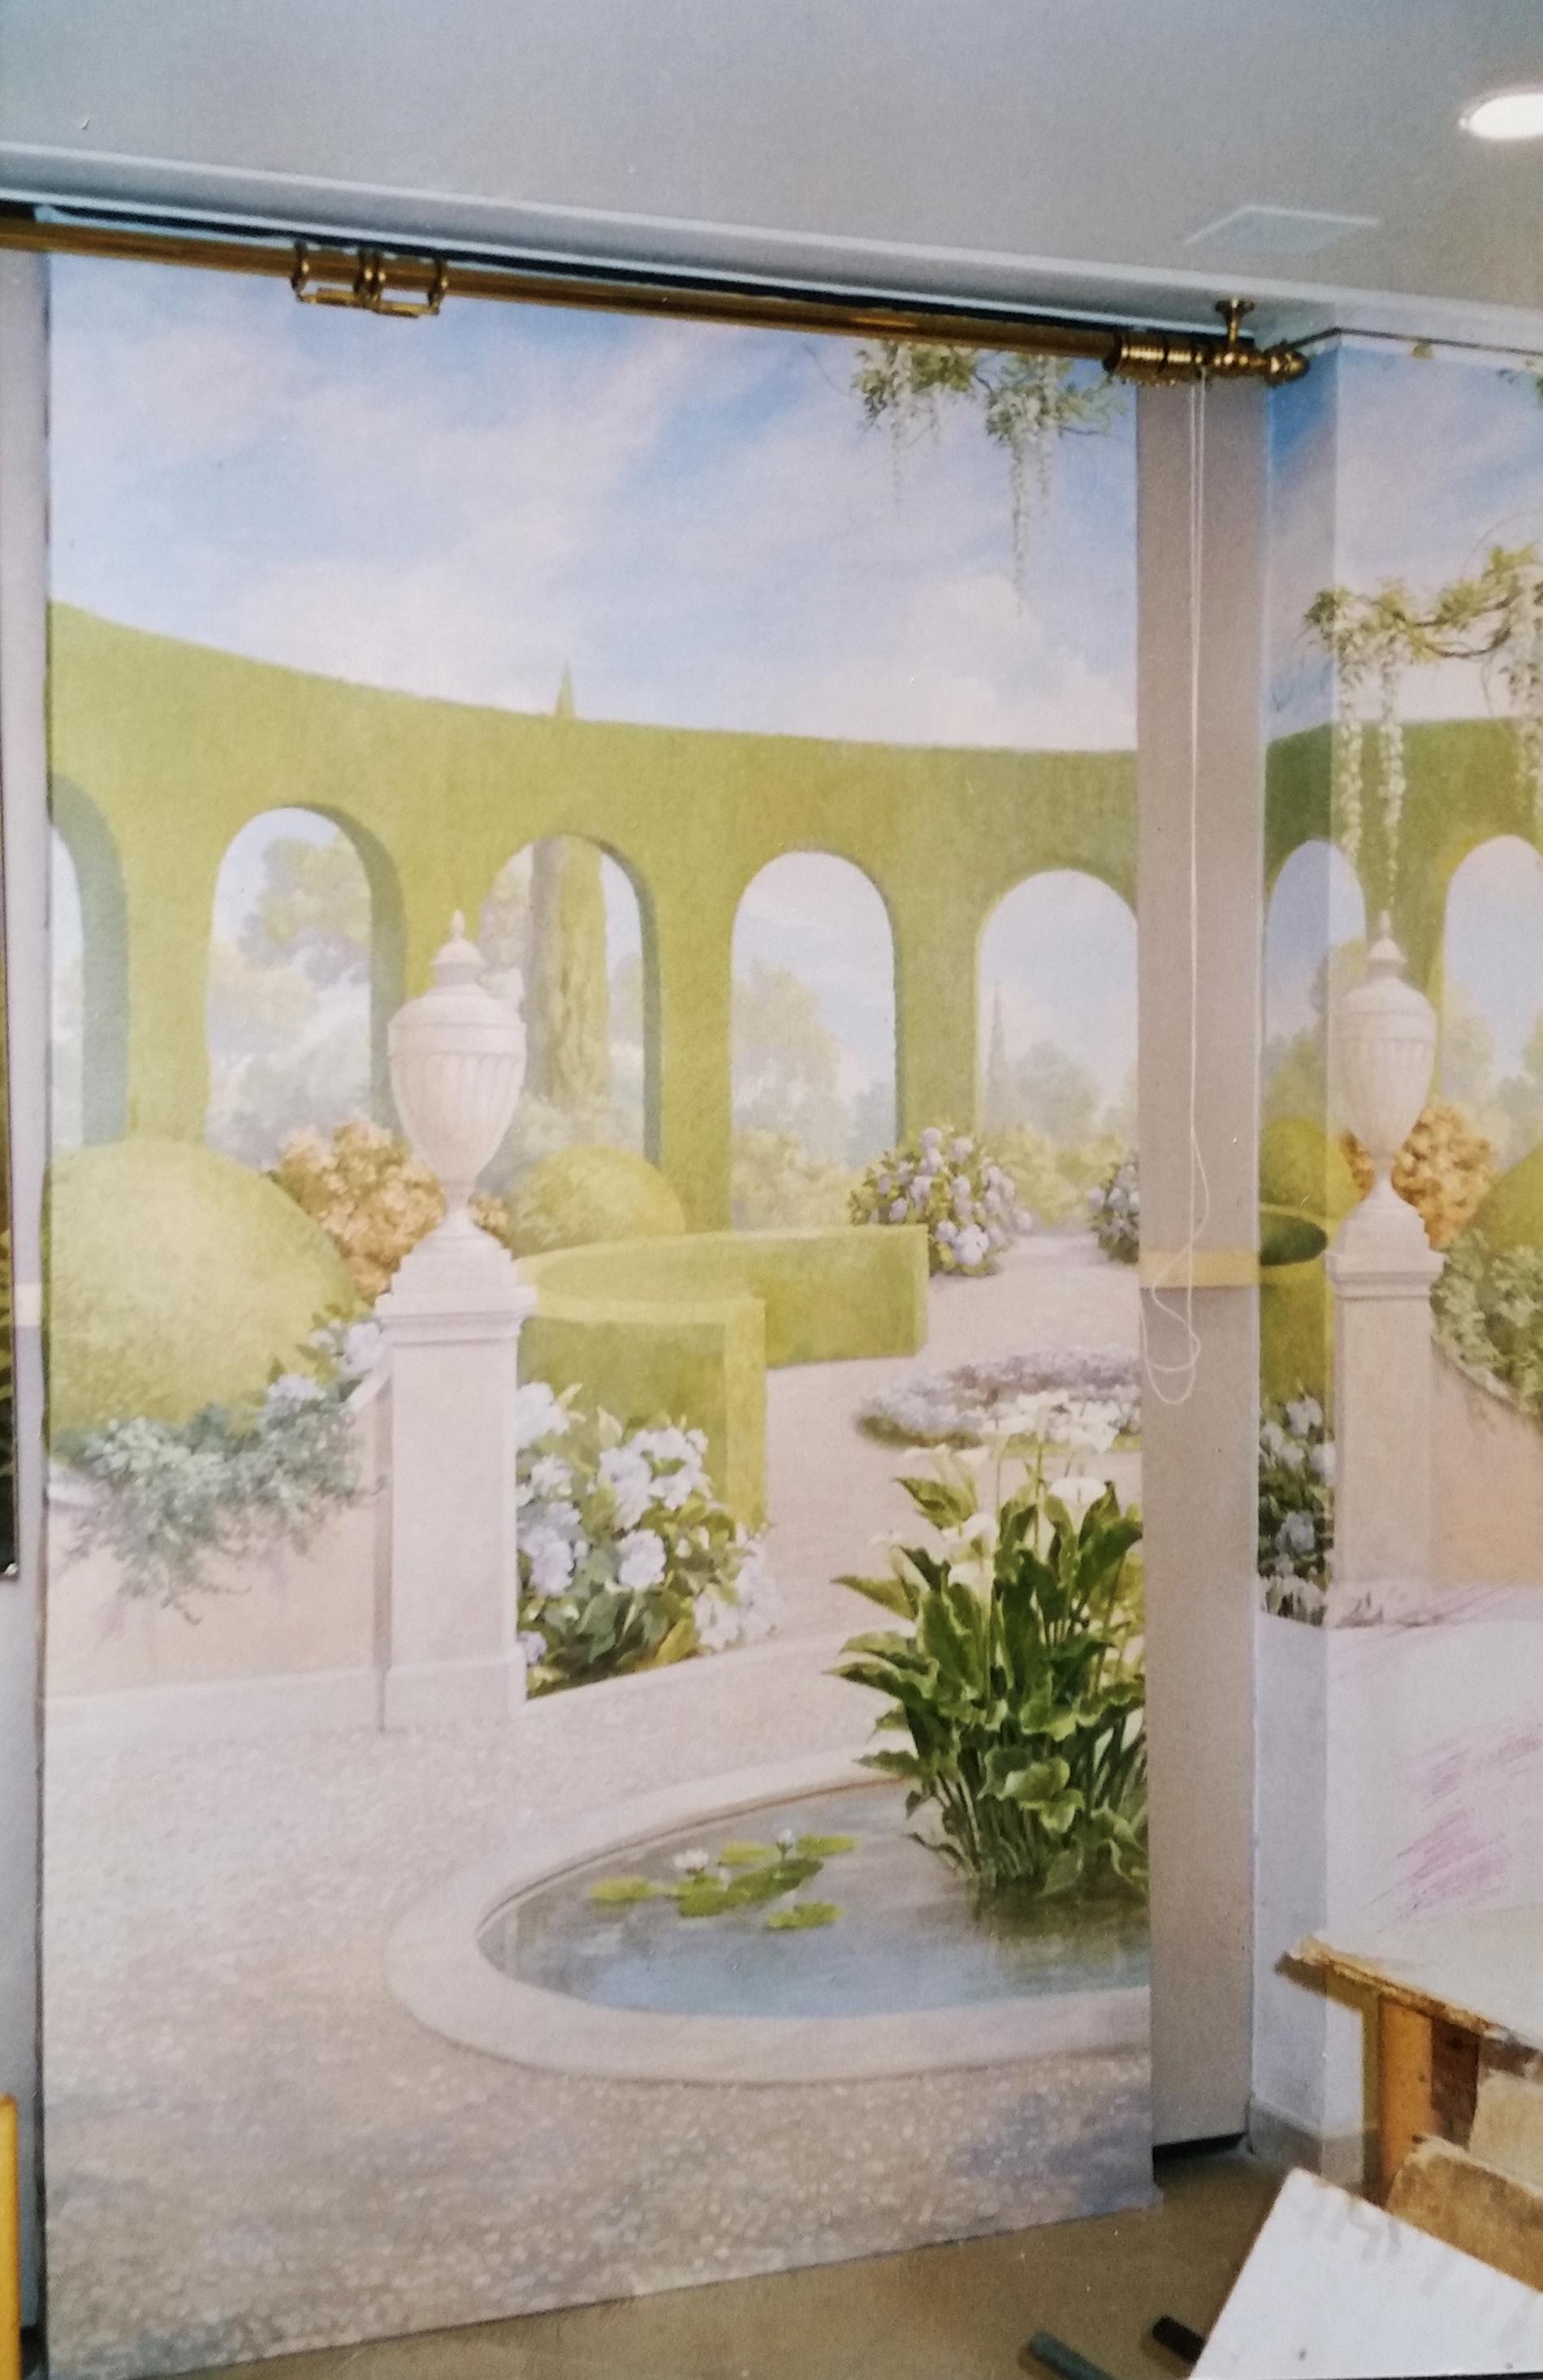 trompe l'oeil per showroom, trompe l'oeil sala cerimonie, acrilico su tela, decorazione con grillage e rose, decorazione per alberghi, decorazione per ristoranti, trompe l'oeil con statue e giardino fiorito, trompe l'oeil con giardino e cherubini, trompe l'oeil con veduta romantica, trompe l'oeil decorati con grillage, trompe l'oeil per showroom, trompe l'oeil su parete, trompe l'oeil su tela incollata al muro, trompe l'oeil con giardino e statue, veduta con giardino e statue